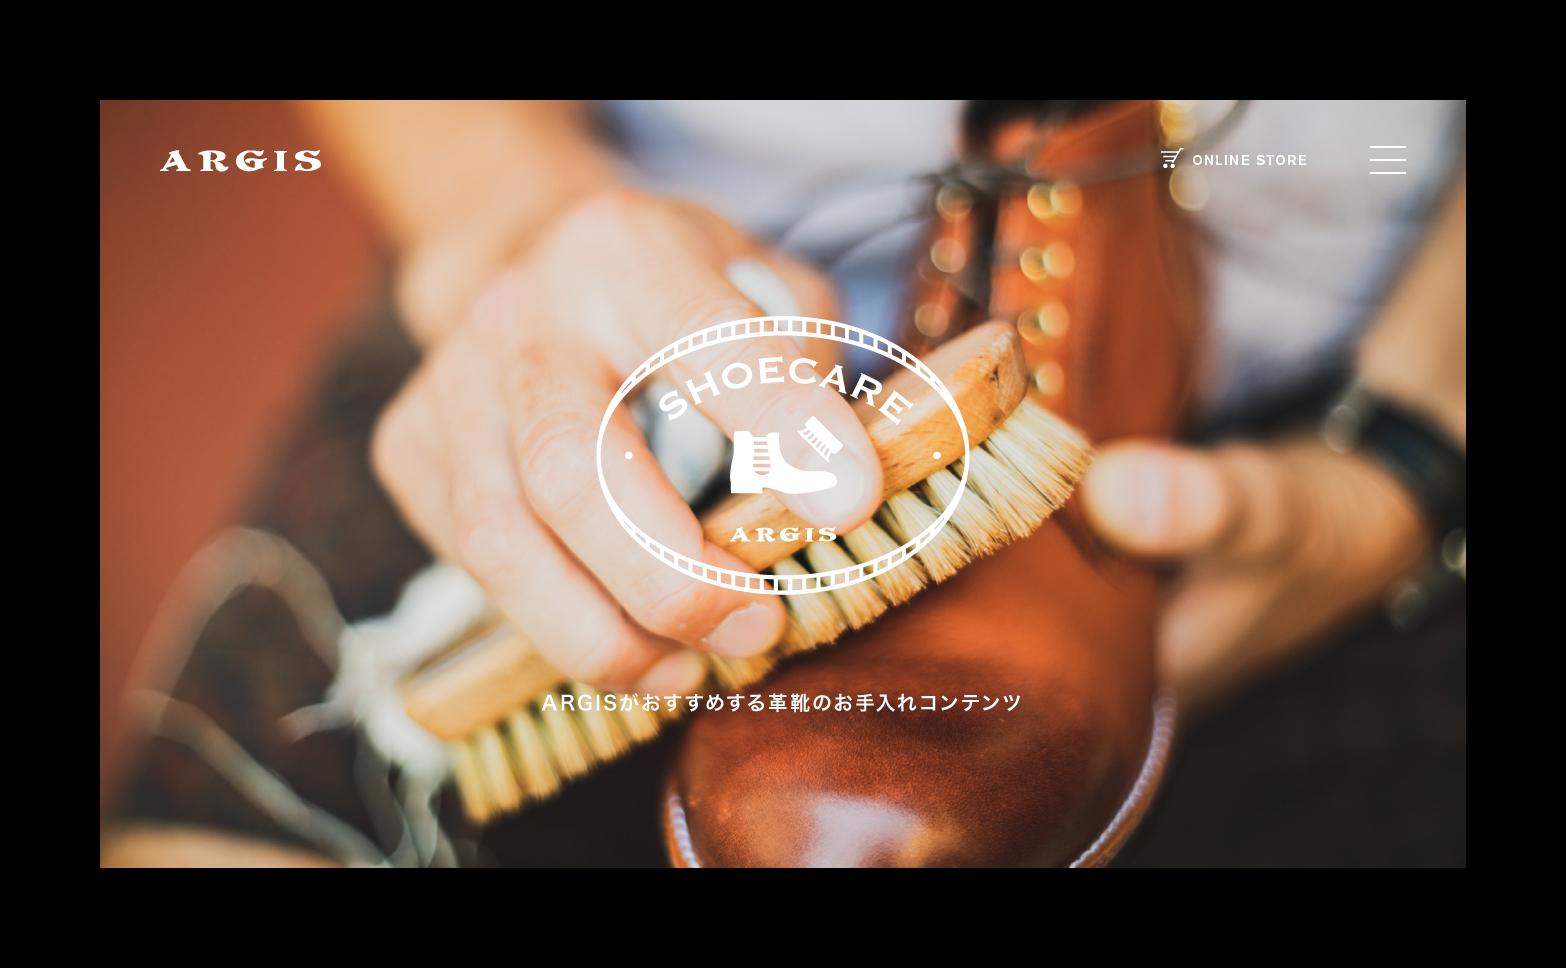 レザーシューズブランド「ARGIS」<br>Brand Website Renewal07